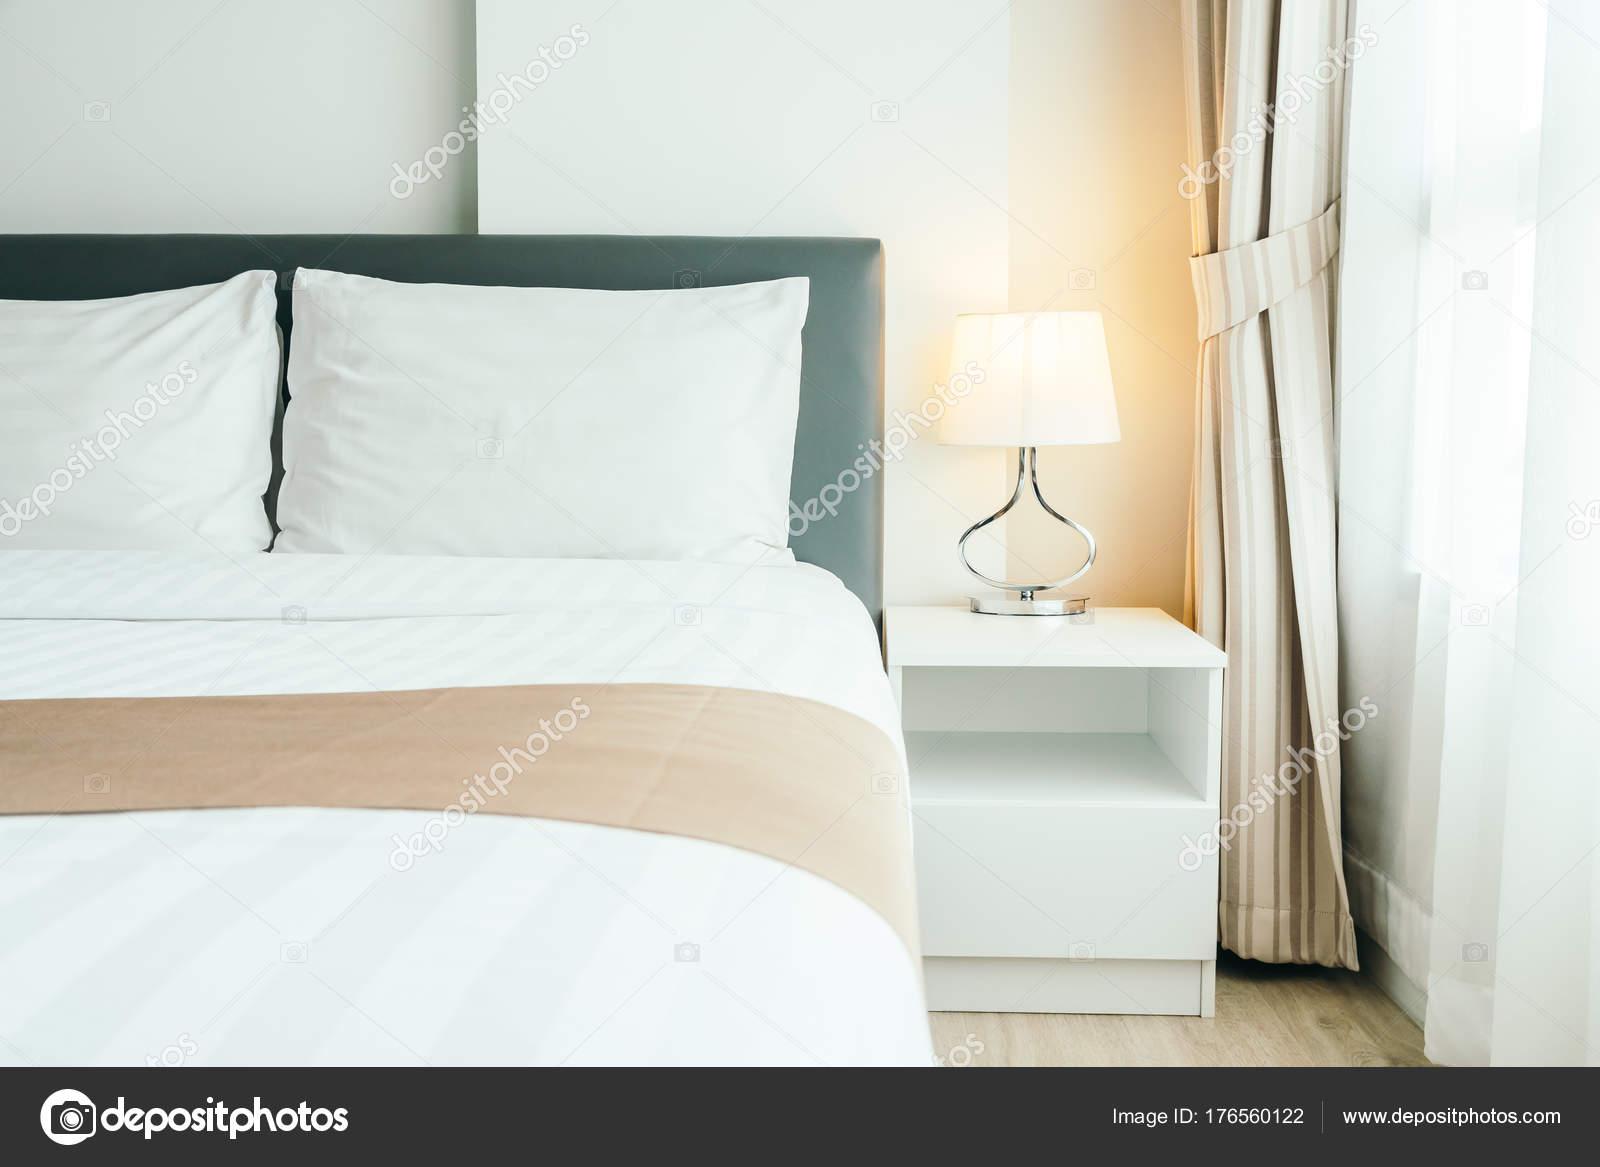 Decorazioni Camere Da Letto : Comodo cuscino sul letto decorazione camera letto interni con luce